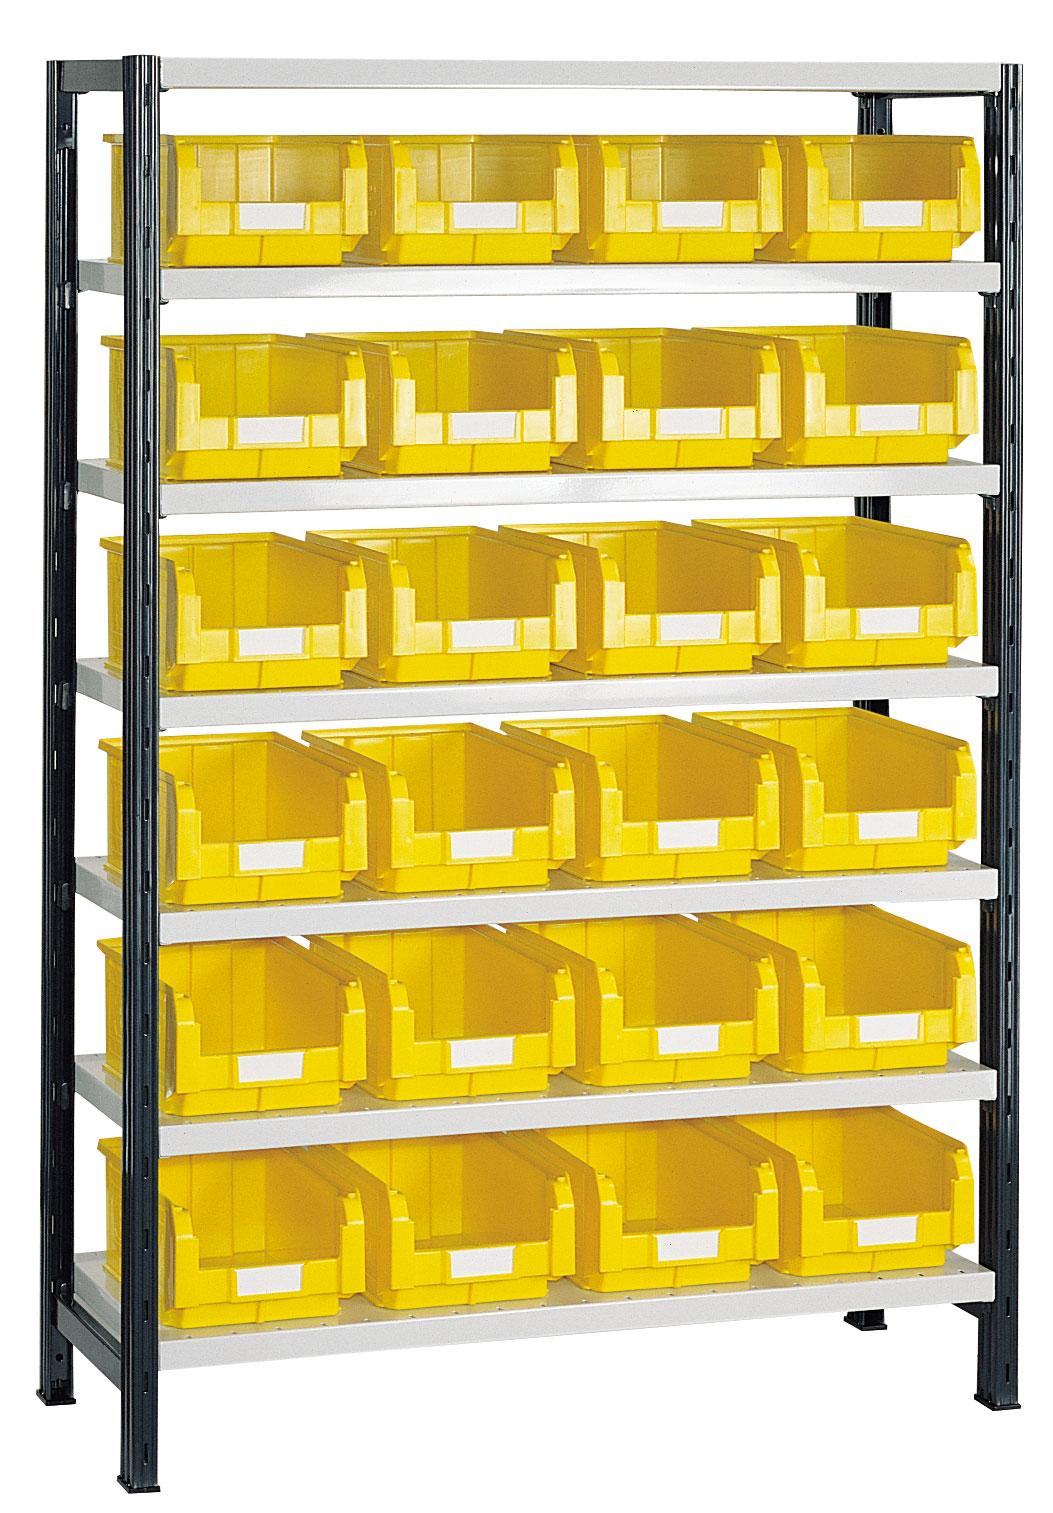 Rayonnage avec 24 bacs plastiques 9.4 litres jaunes